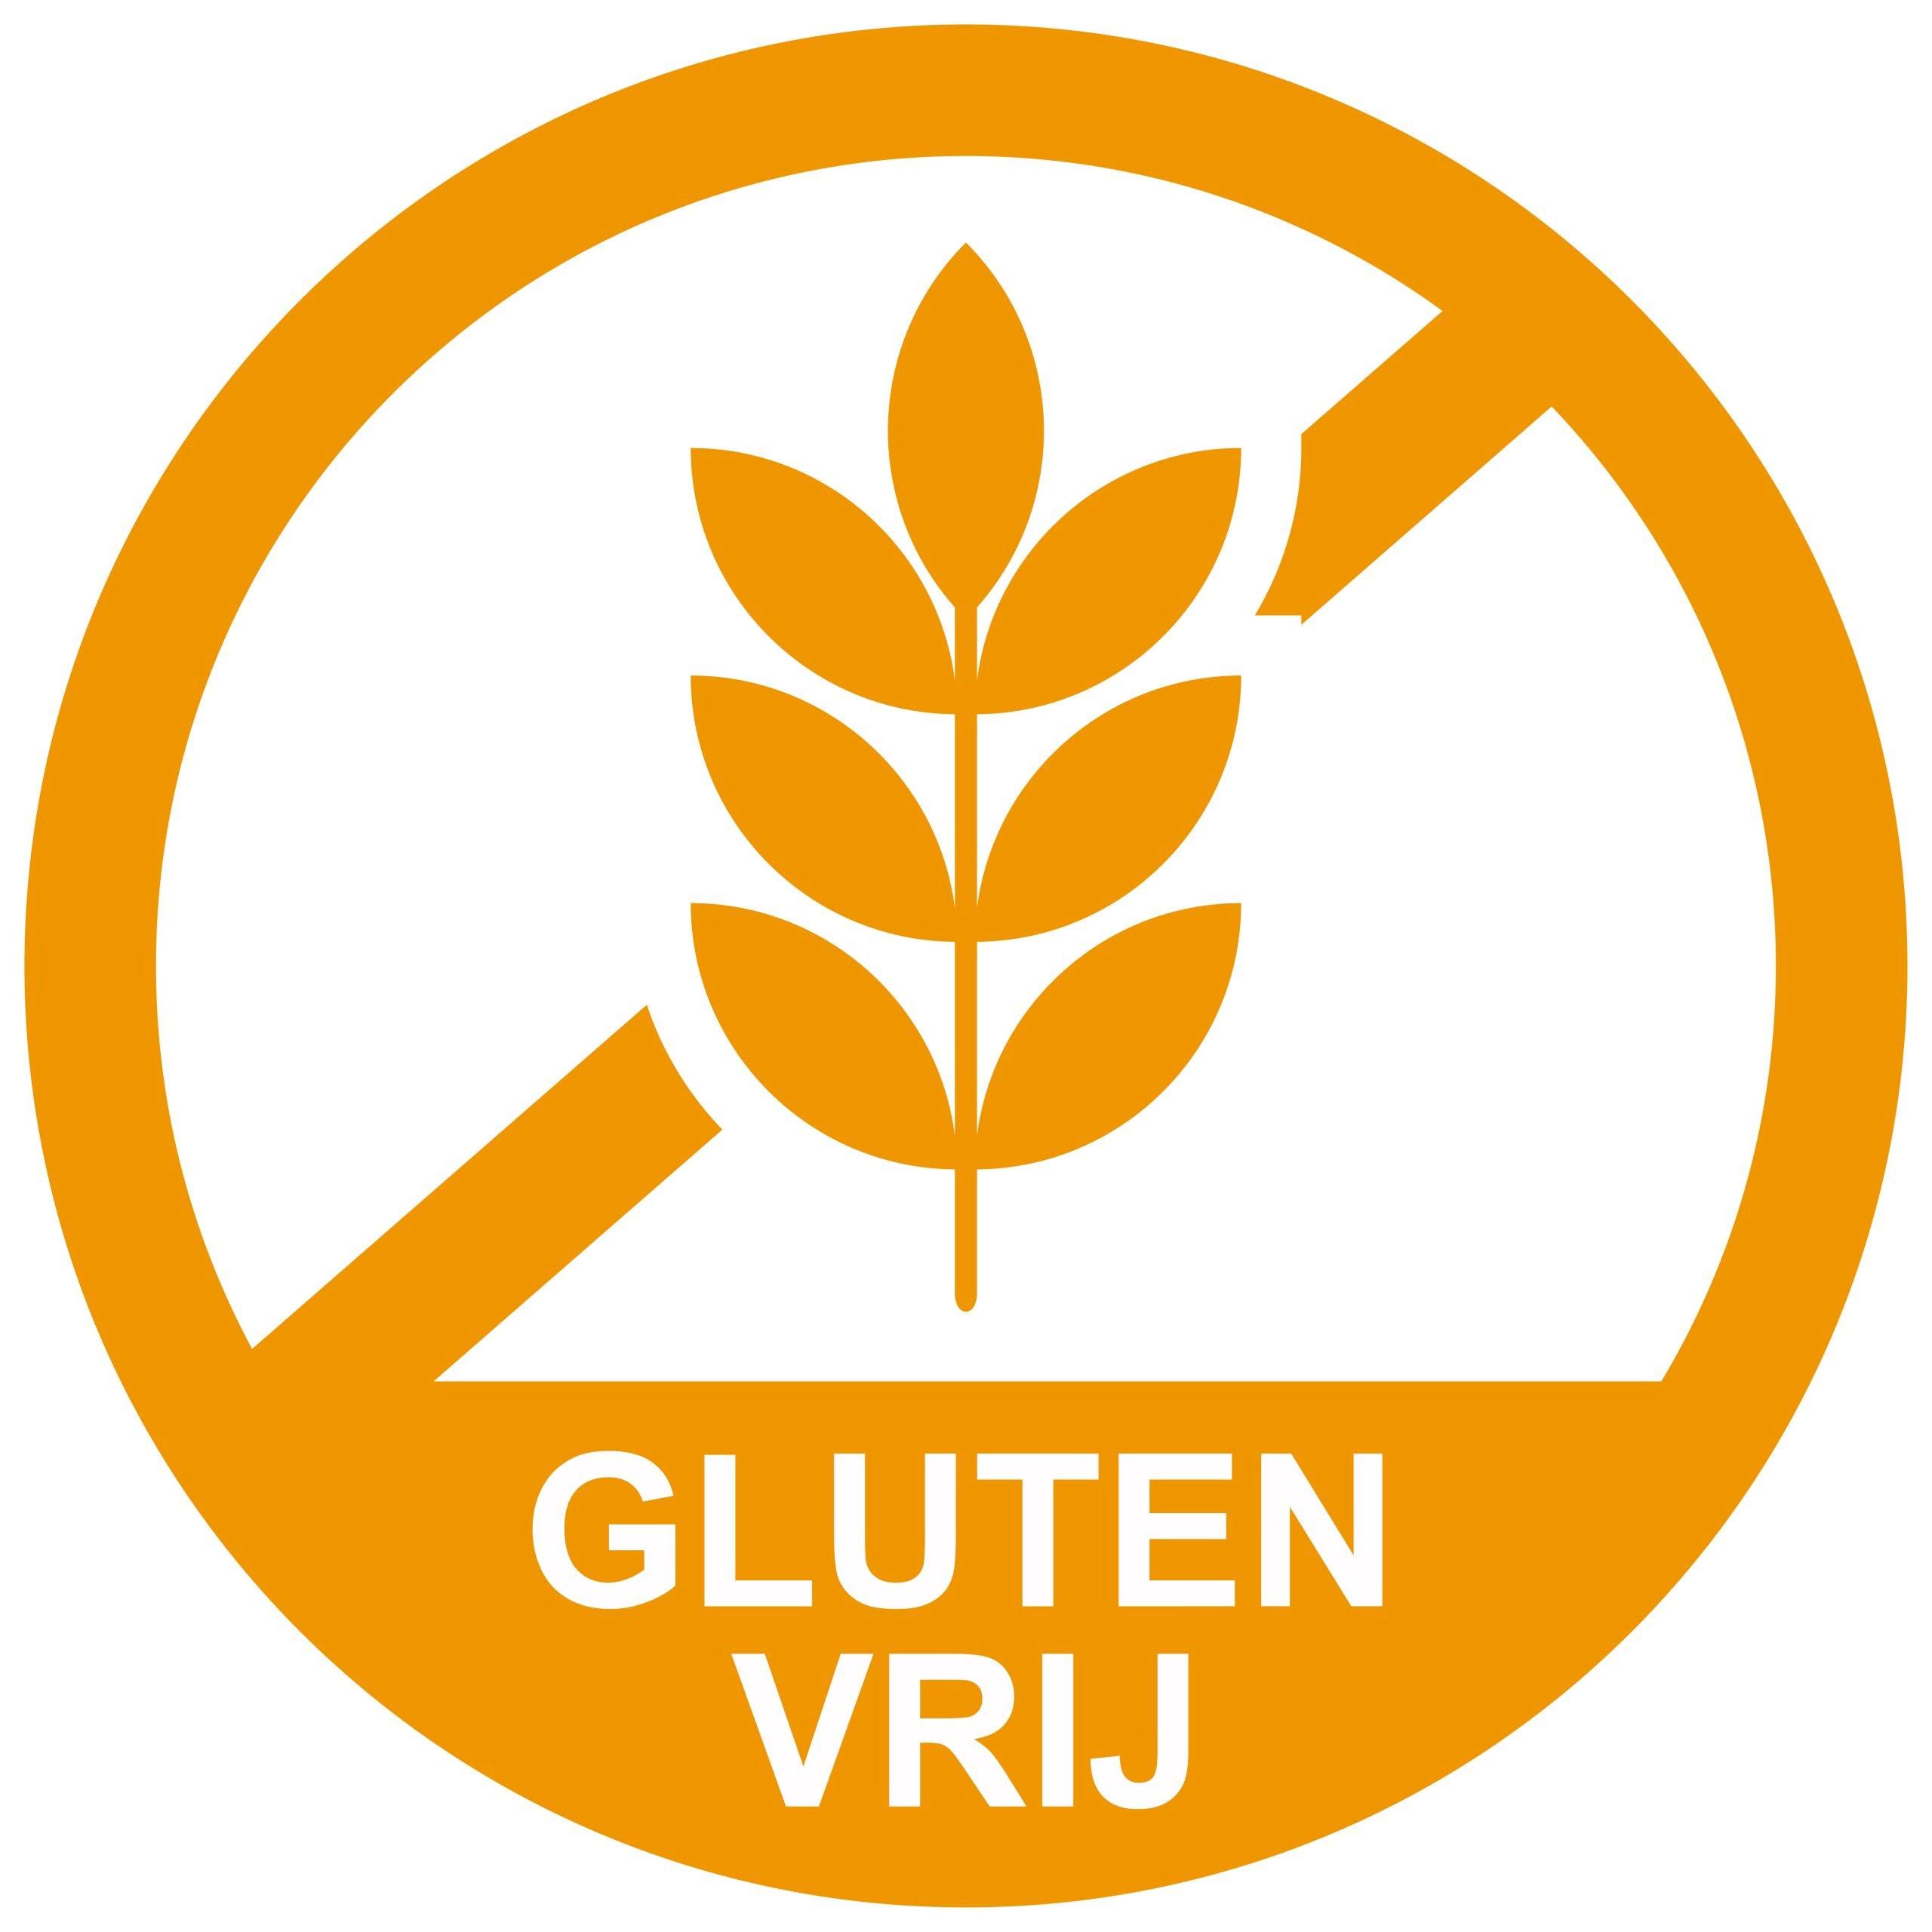 glutenvrij_sticker